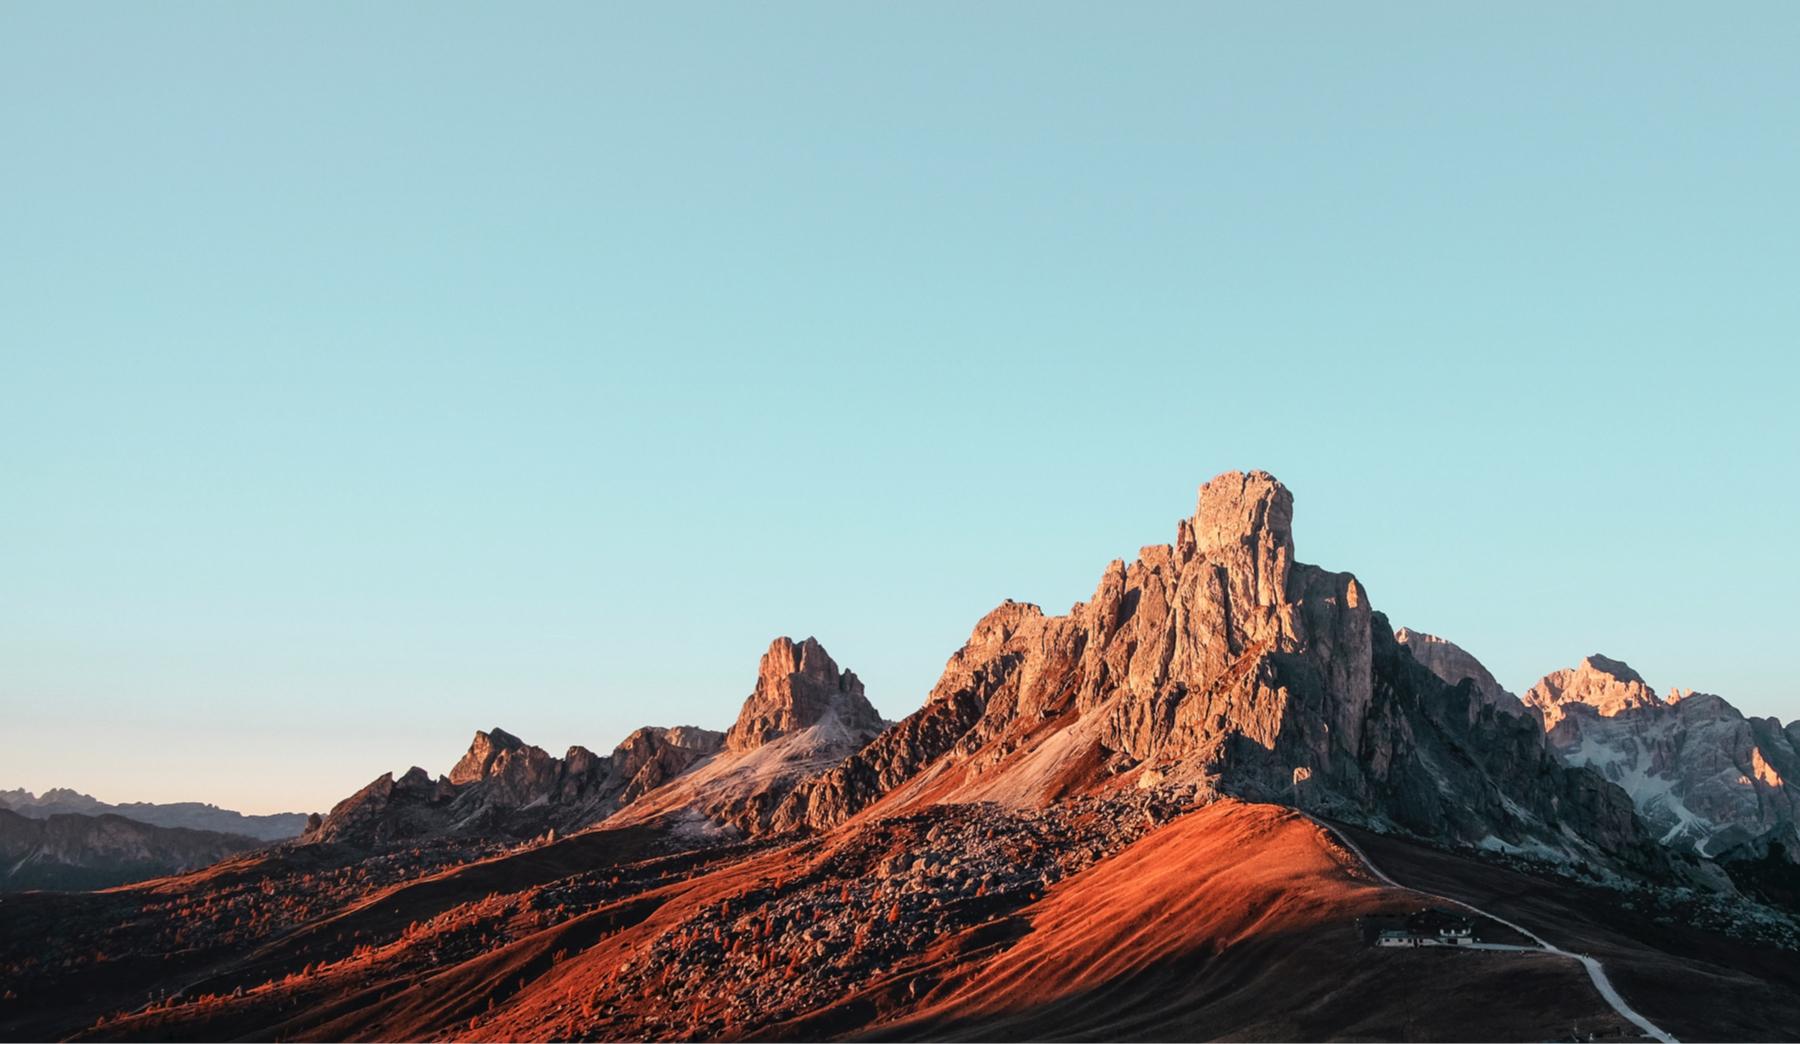 Red mountain range at sunset